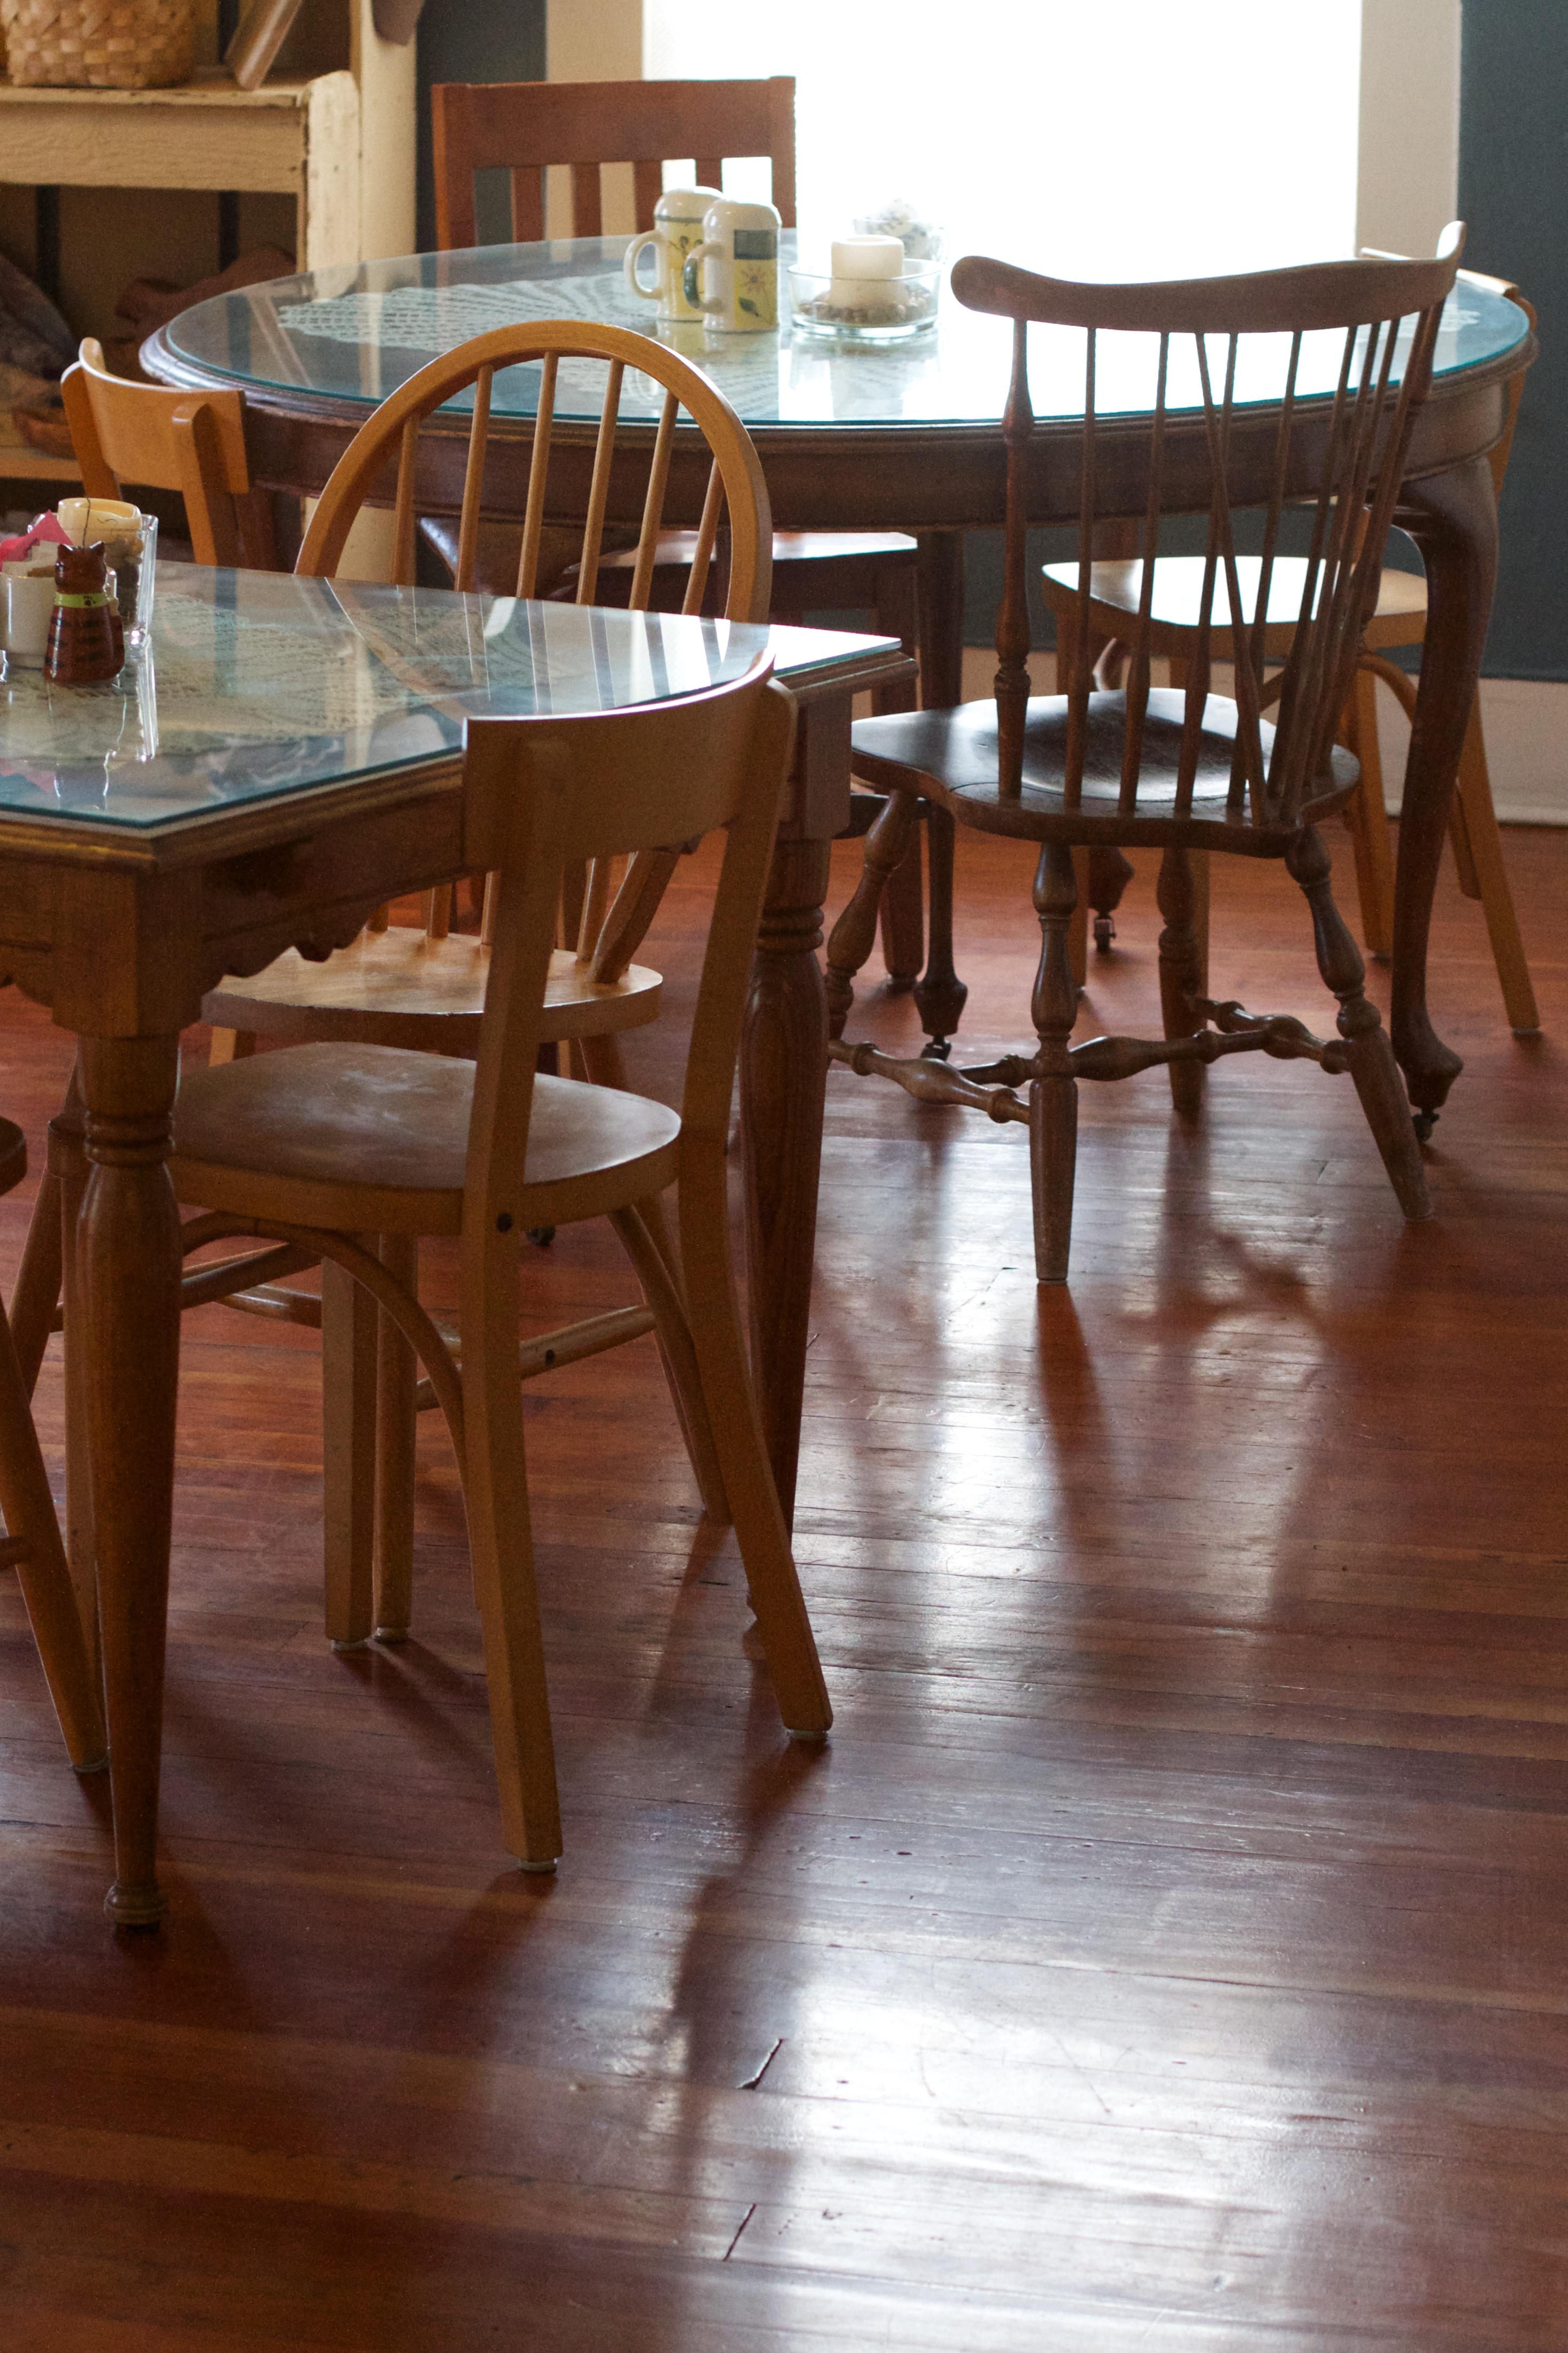 Images Gratuites : table, bois, meubles, chambre, Bois dur ...